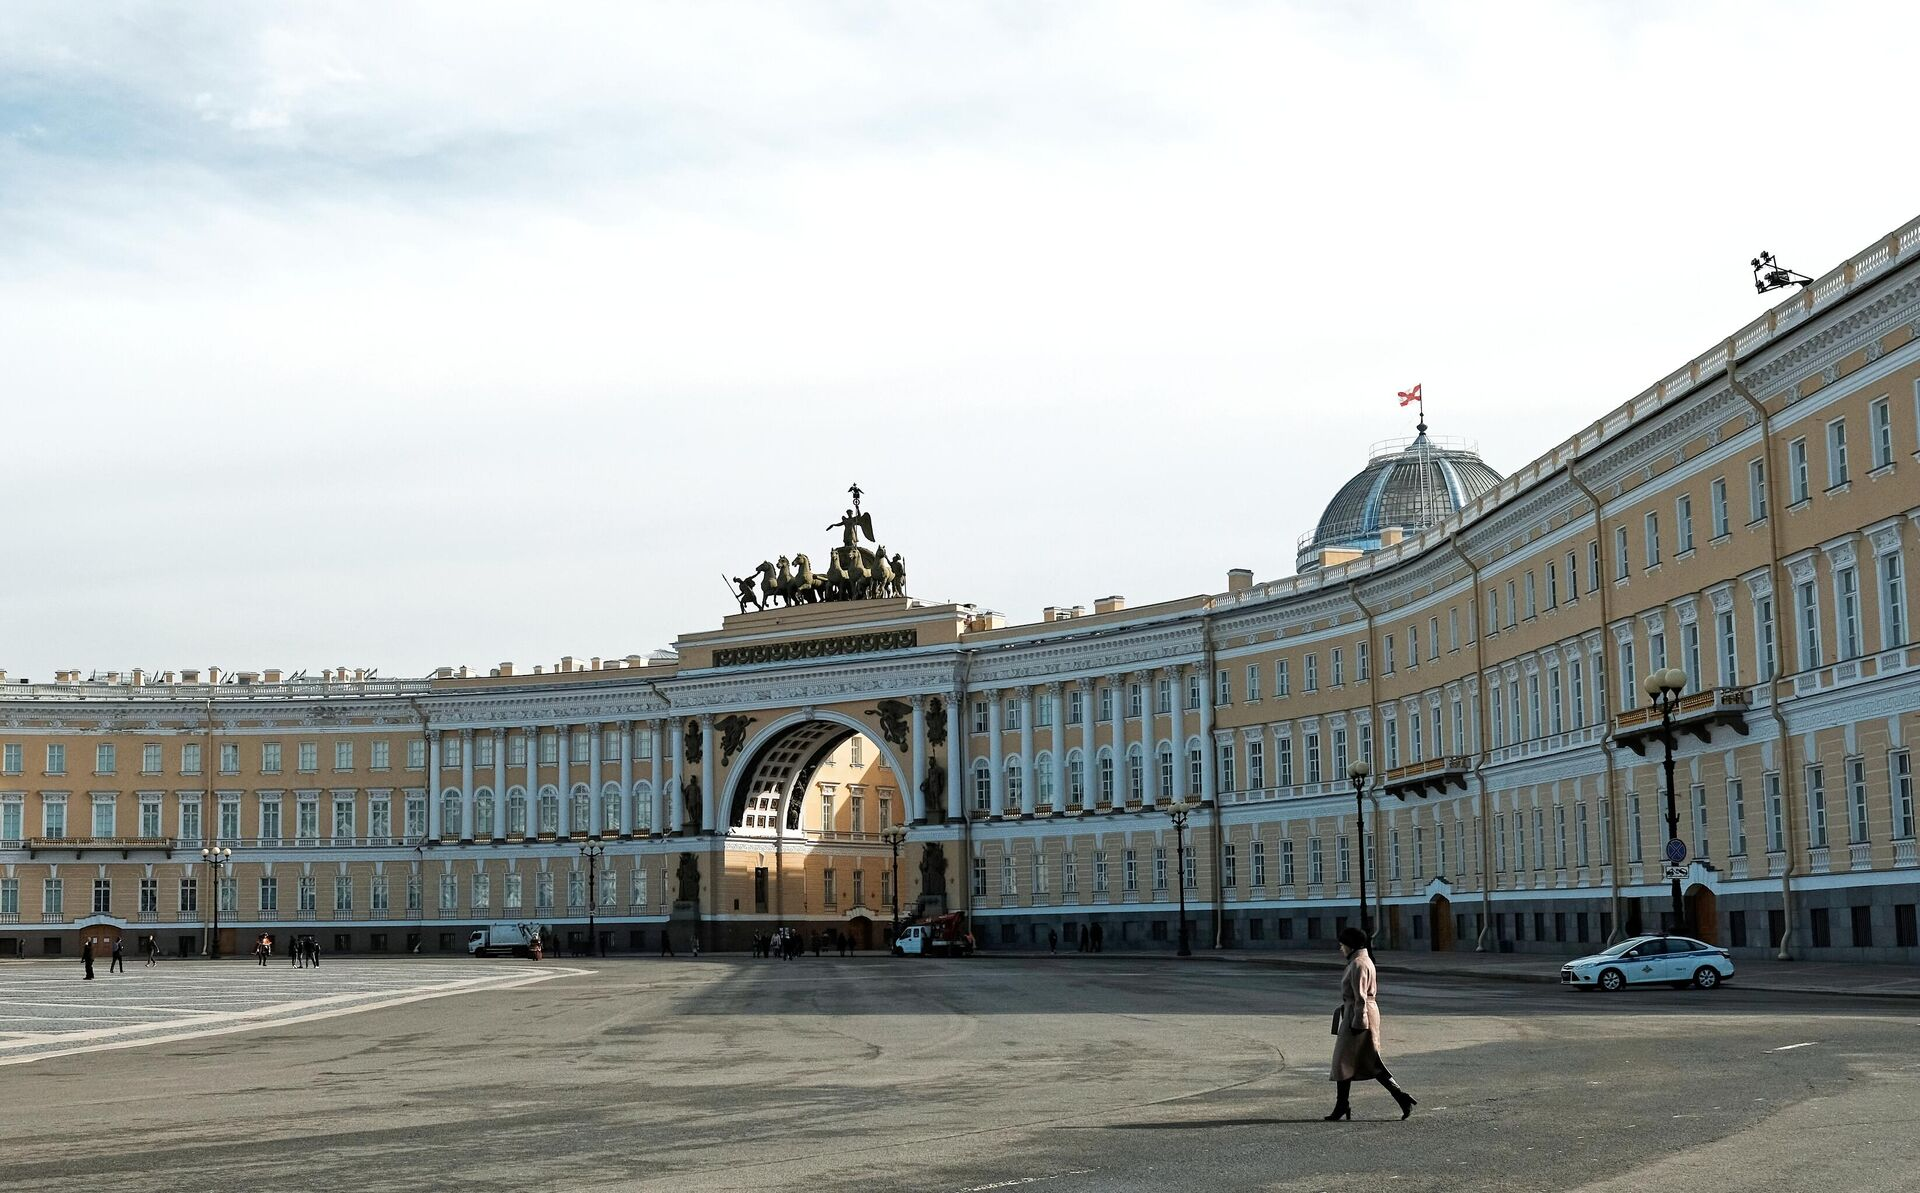 Дворцовая площадь в Санкт-Петербурге - РИА Новости, 1920, 13.09.2020